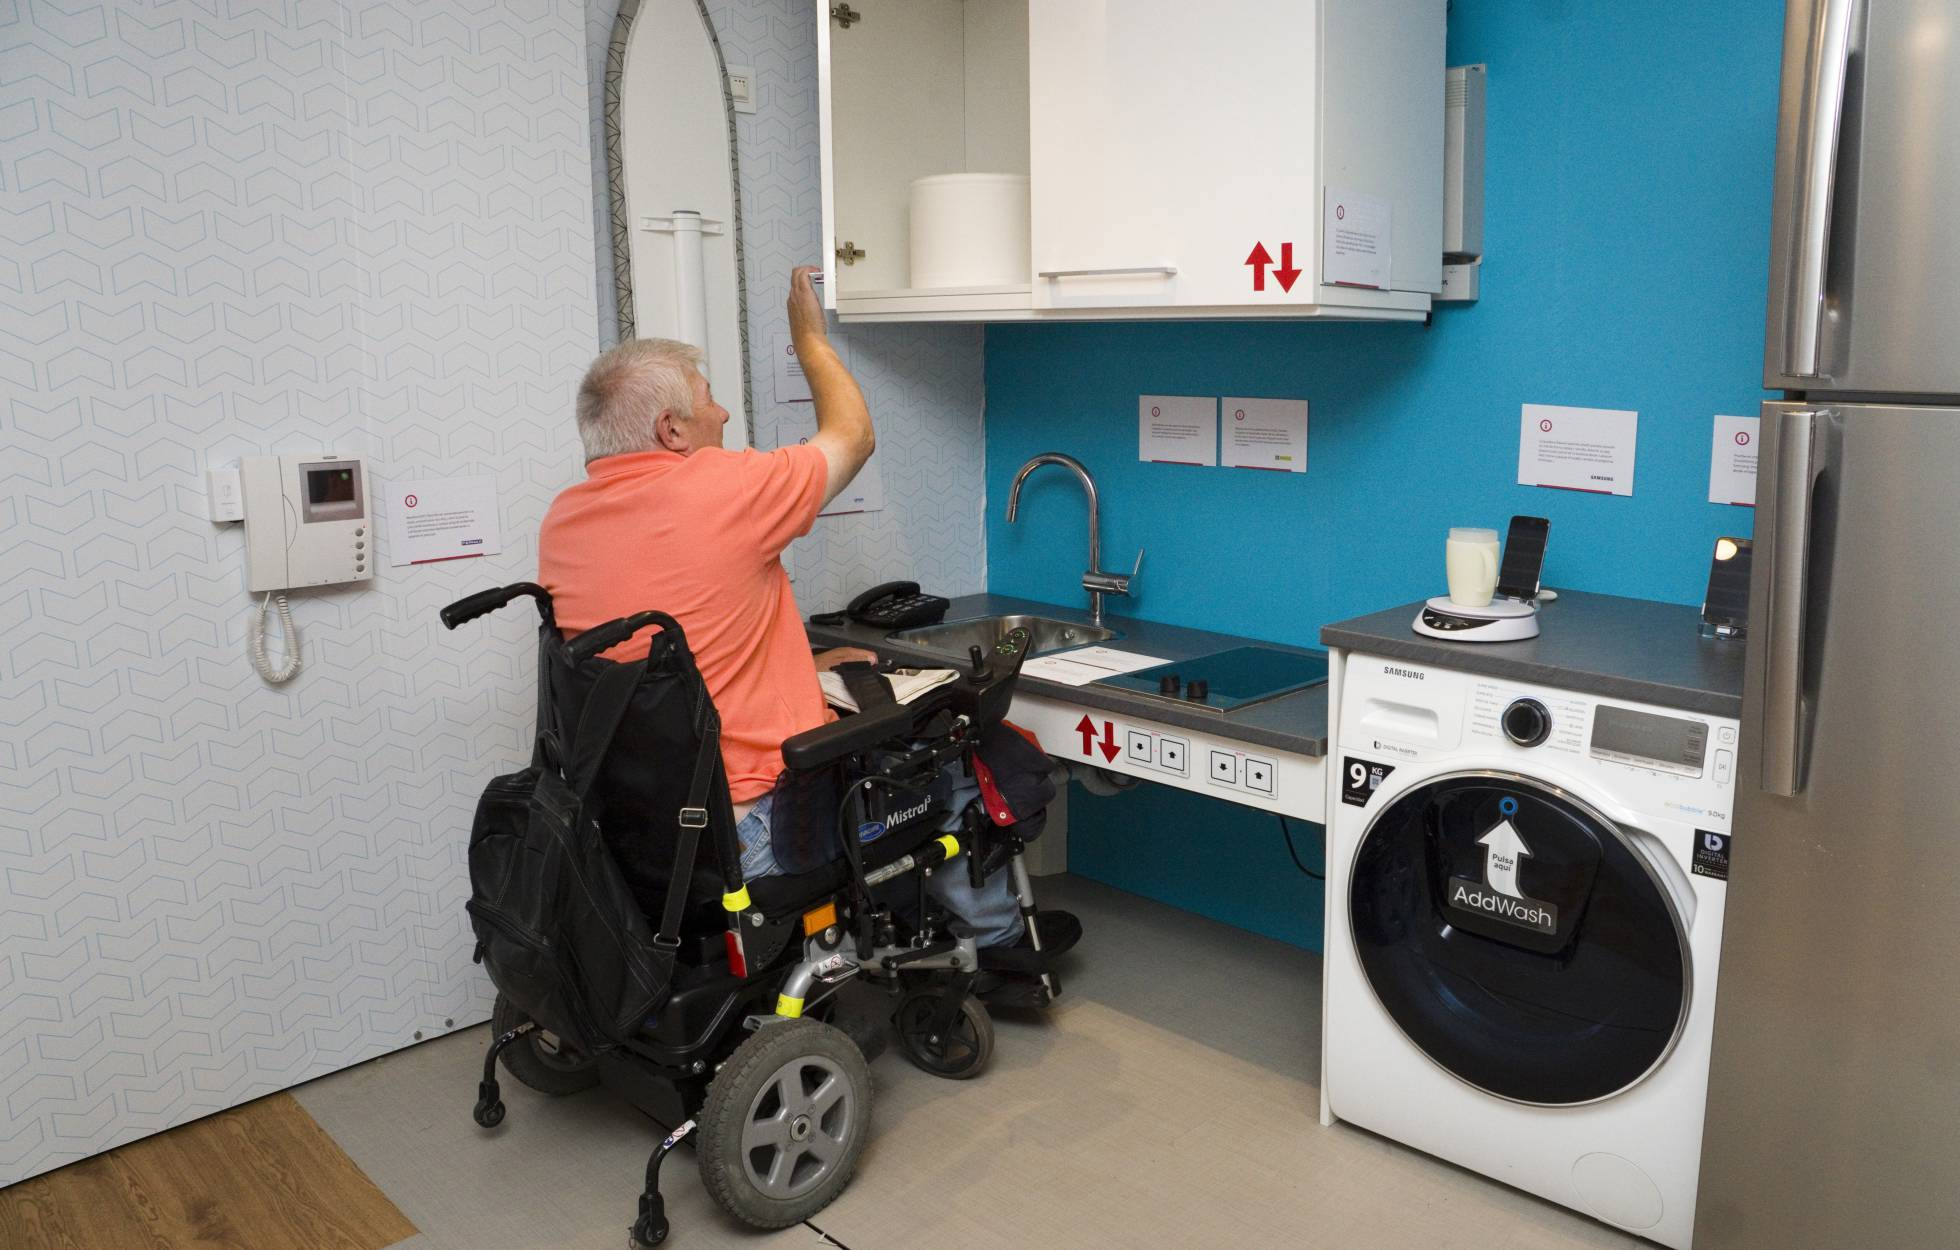 La quimera de la accesibilidad del hogar